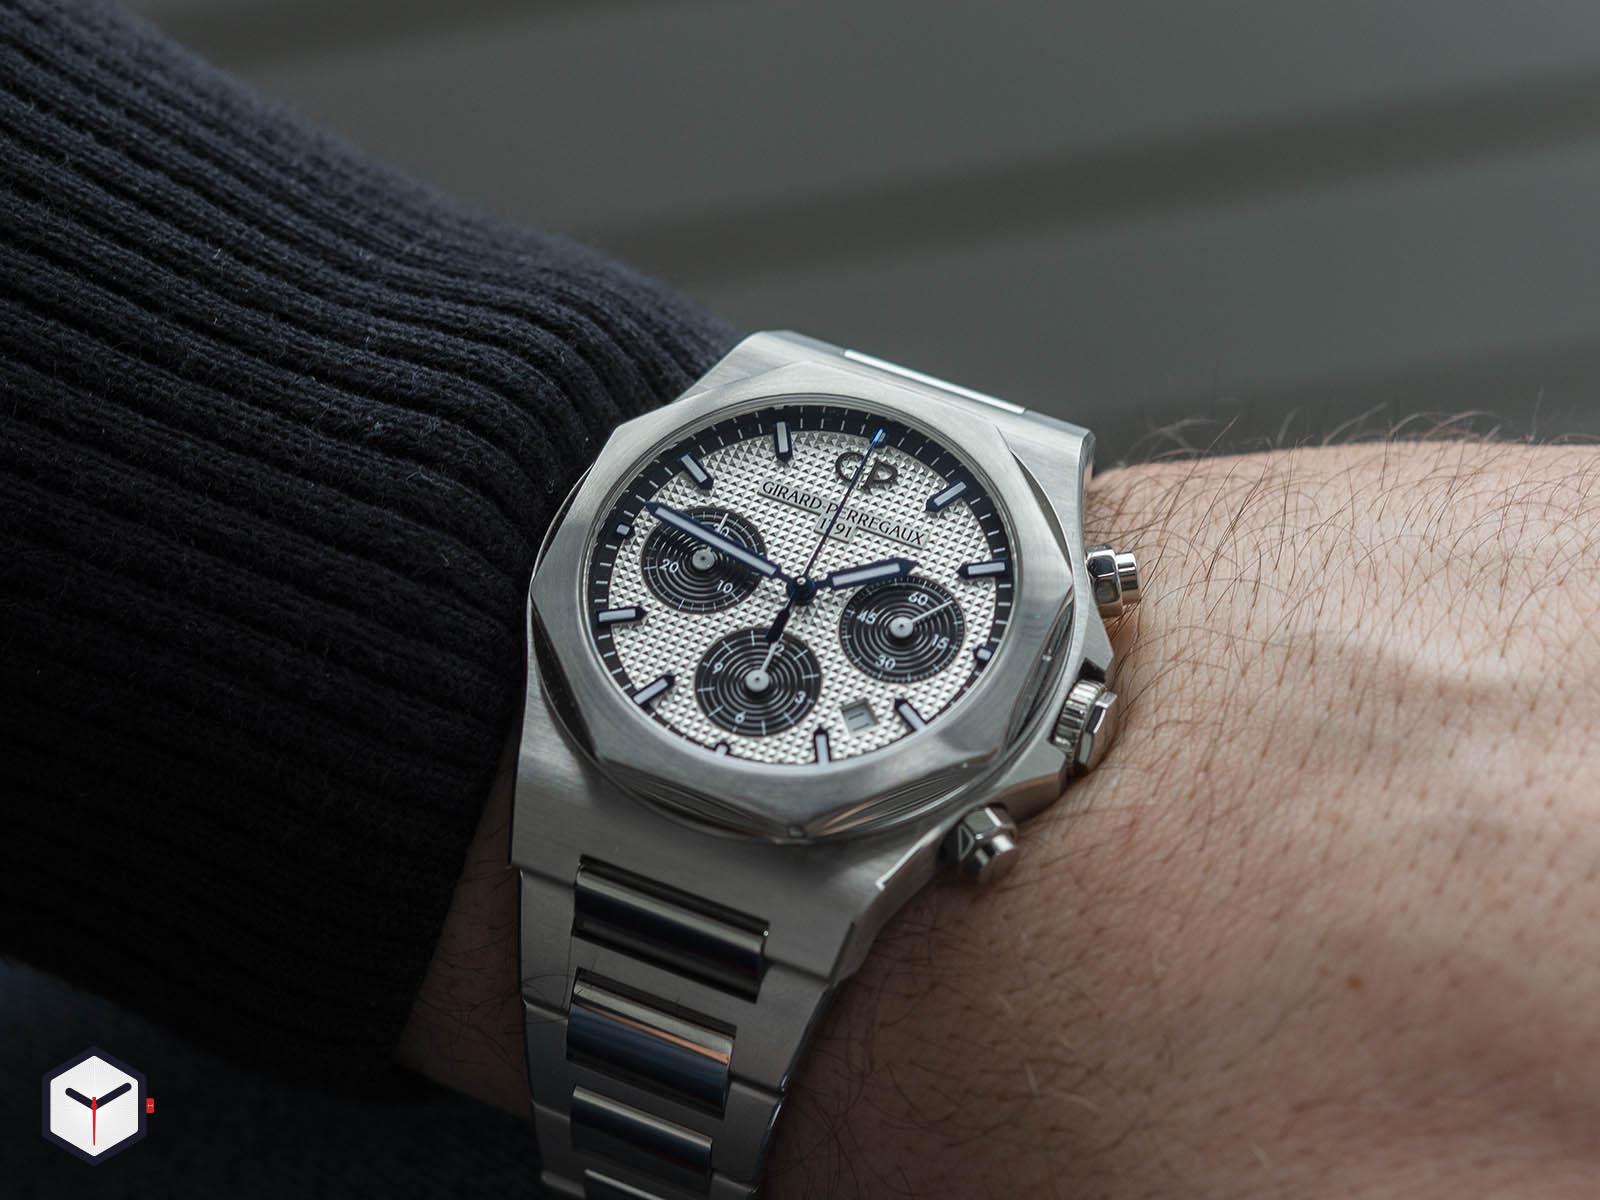 81020-11-131-11a-girard-perregaux-laureato-chronograph-42mm-6.jpg